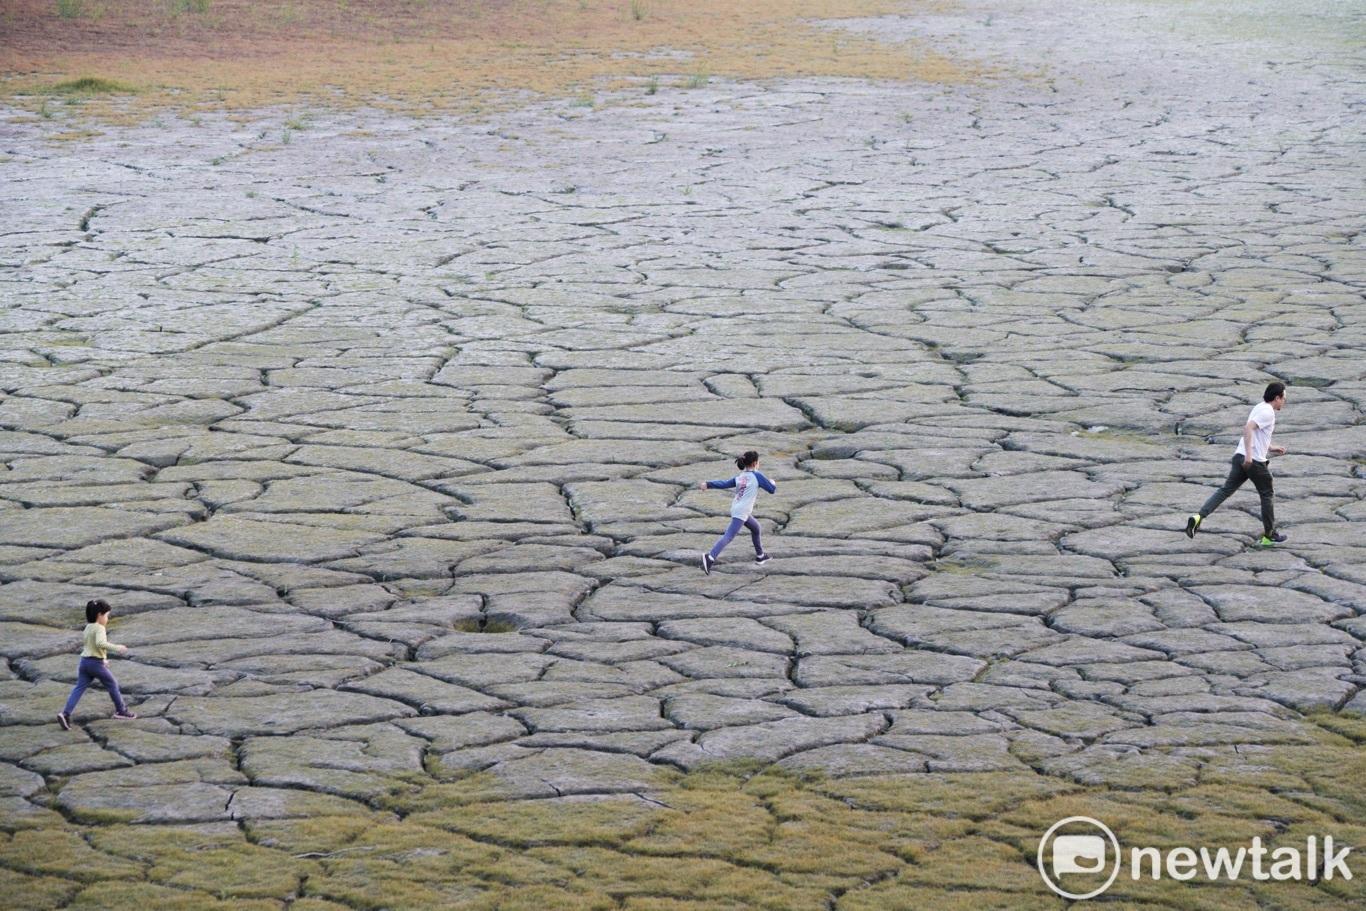 氣象局長鄭明典表示,中南部的水情要靠梅雨舒緩,而目前資料顯示預估5月中有望迎來梅雨(圖為日月潭近況)。圖:張良一/攝